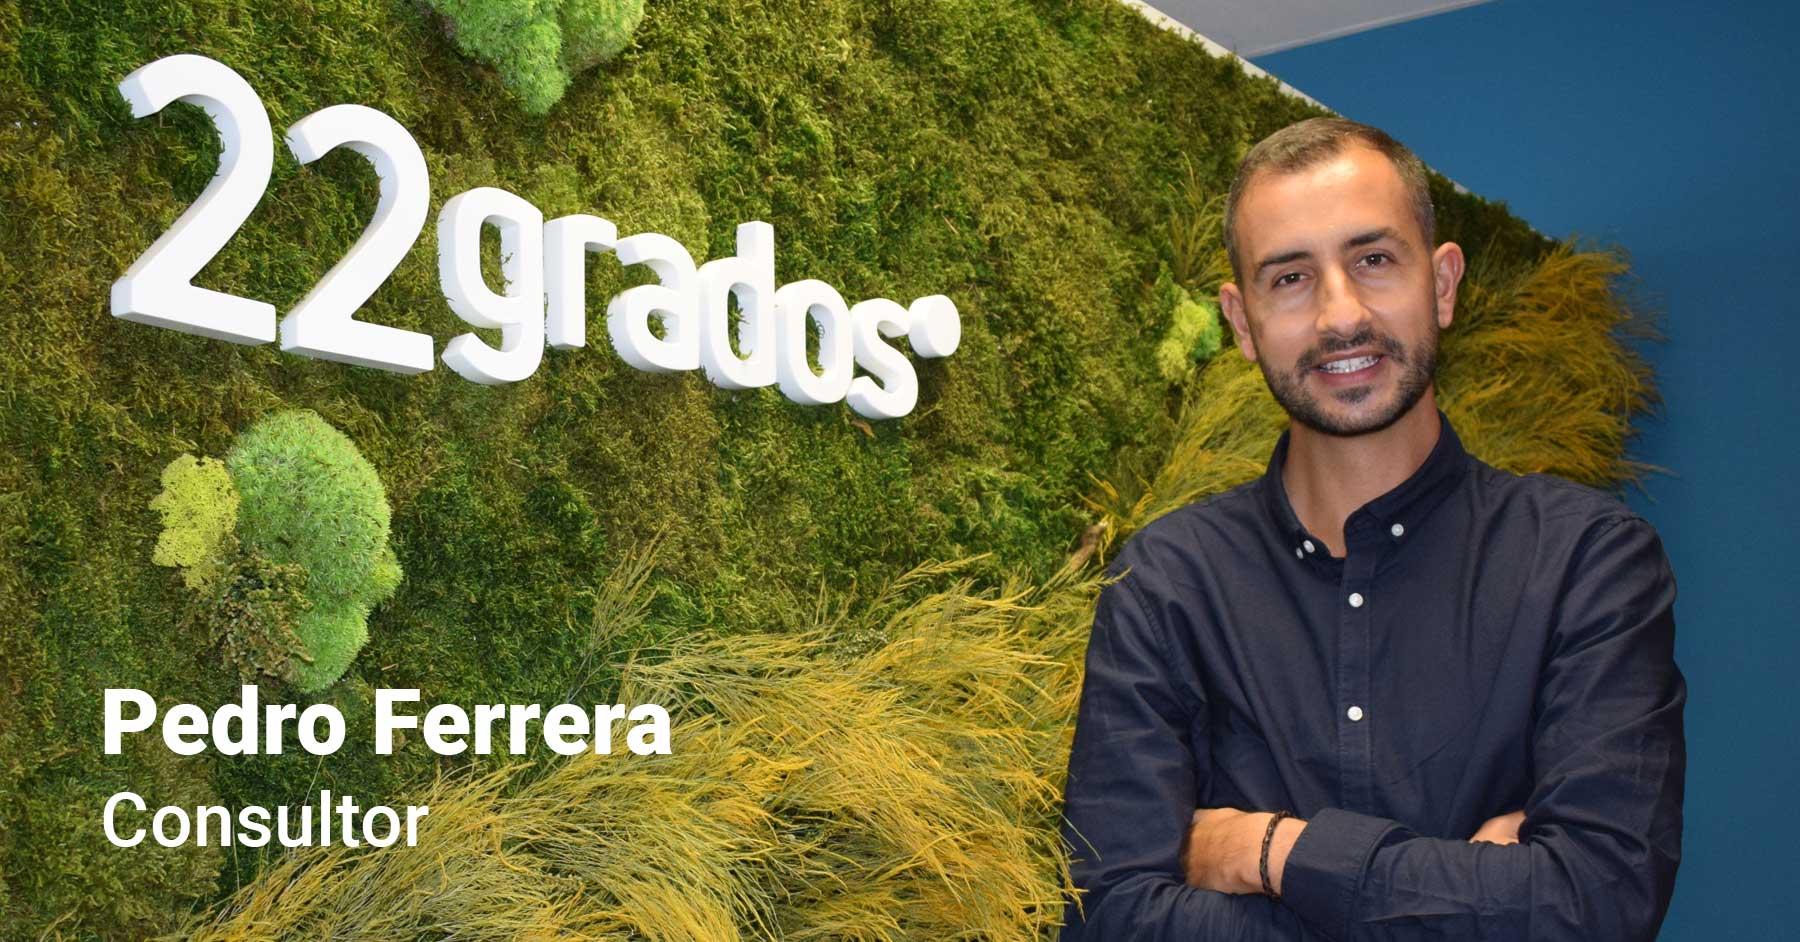 Pedro Ferrera se incorpora al equipo de 22grados